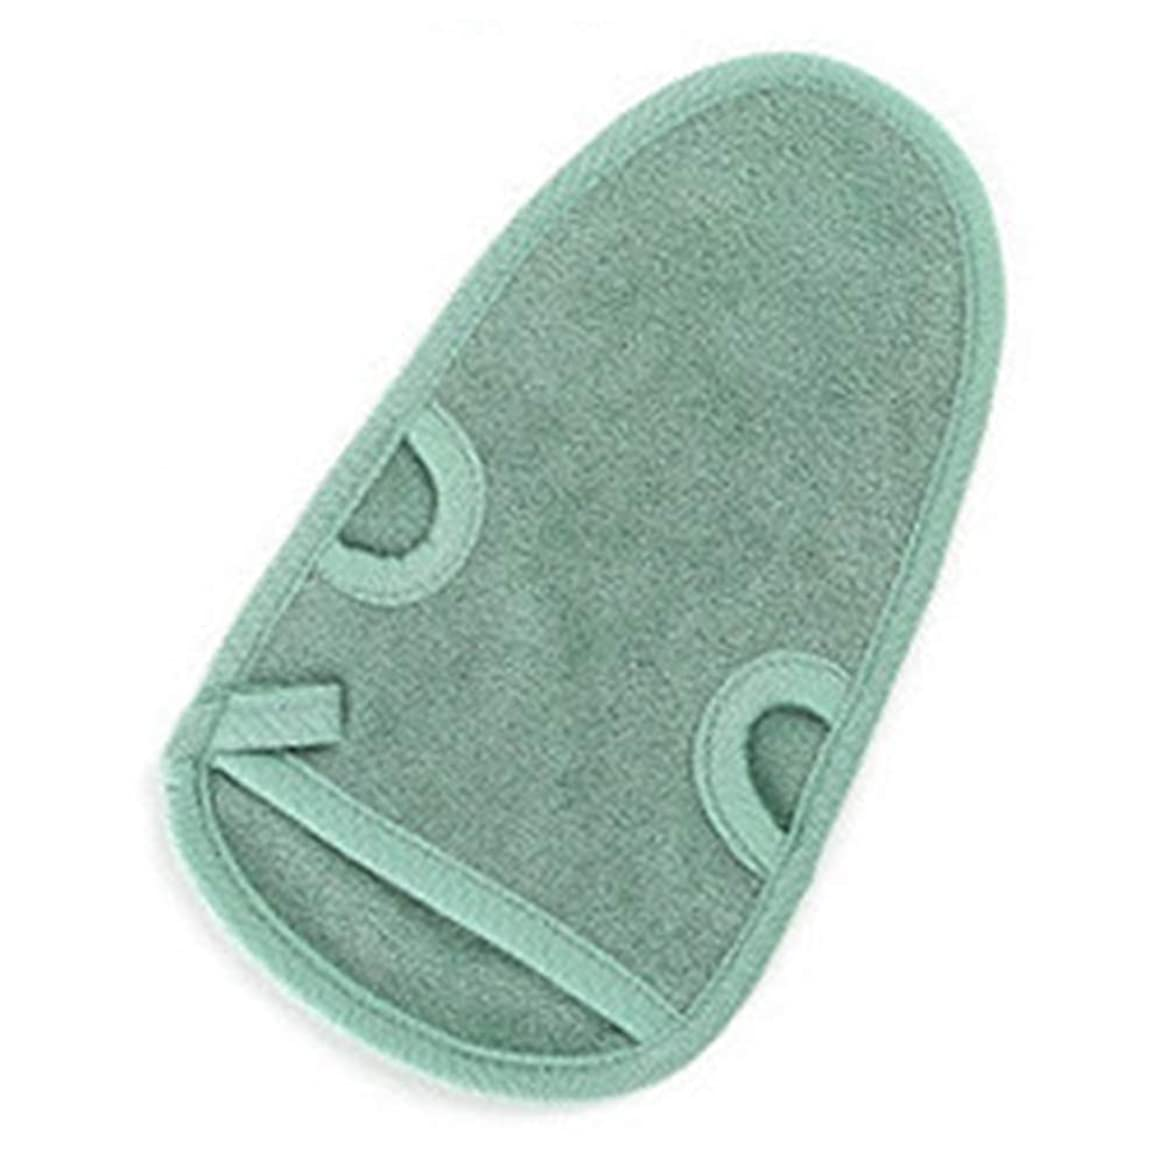 カートリッジ外科医エーカー手袋スクラブミットボディディープ剥離ミトンデッドスキンスクラブシャワー剥離バスユニセックス(グリーン)